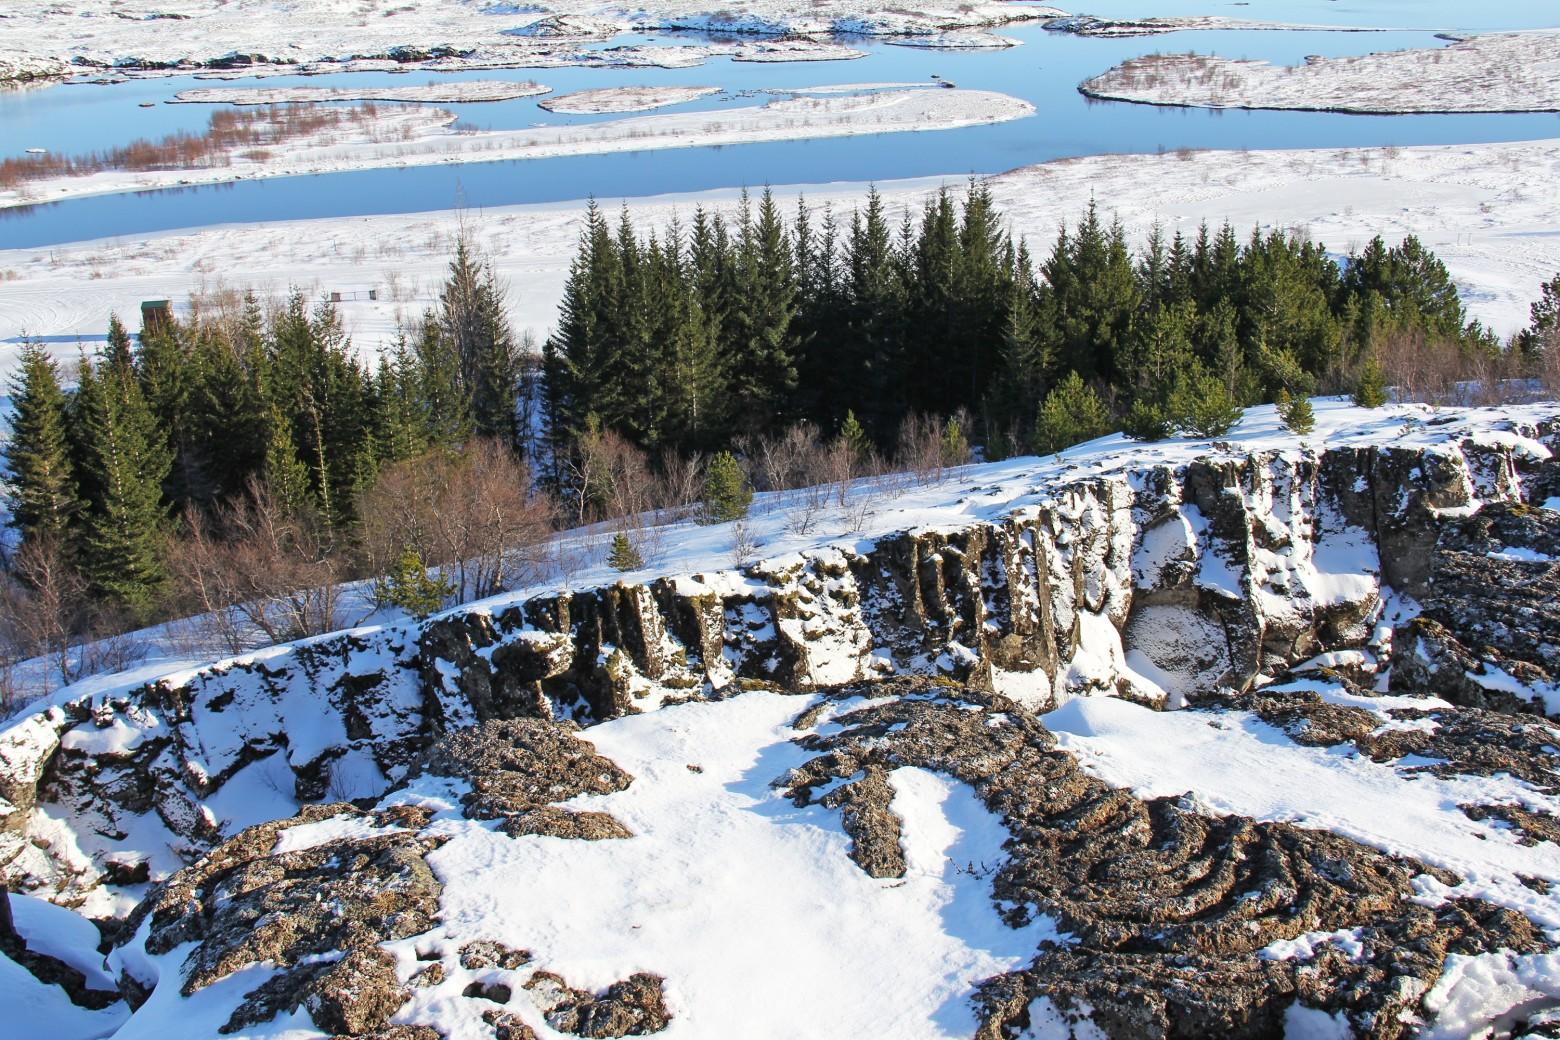 Paysage de neige belle image gratuite images gratuites - Photos de neige gratuites ...